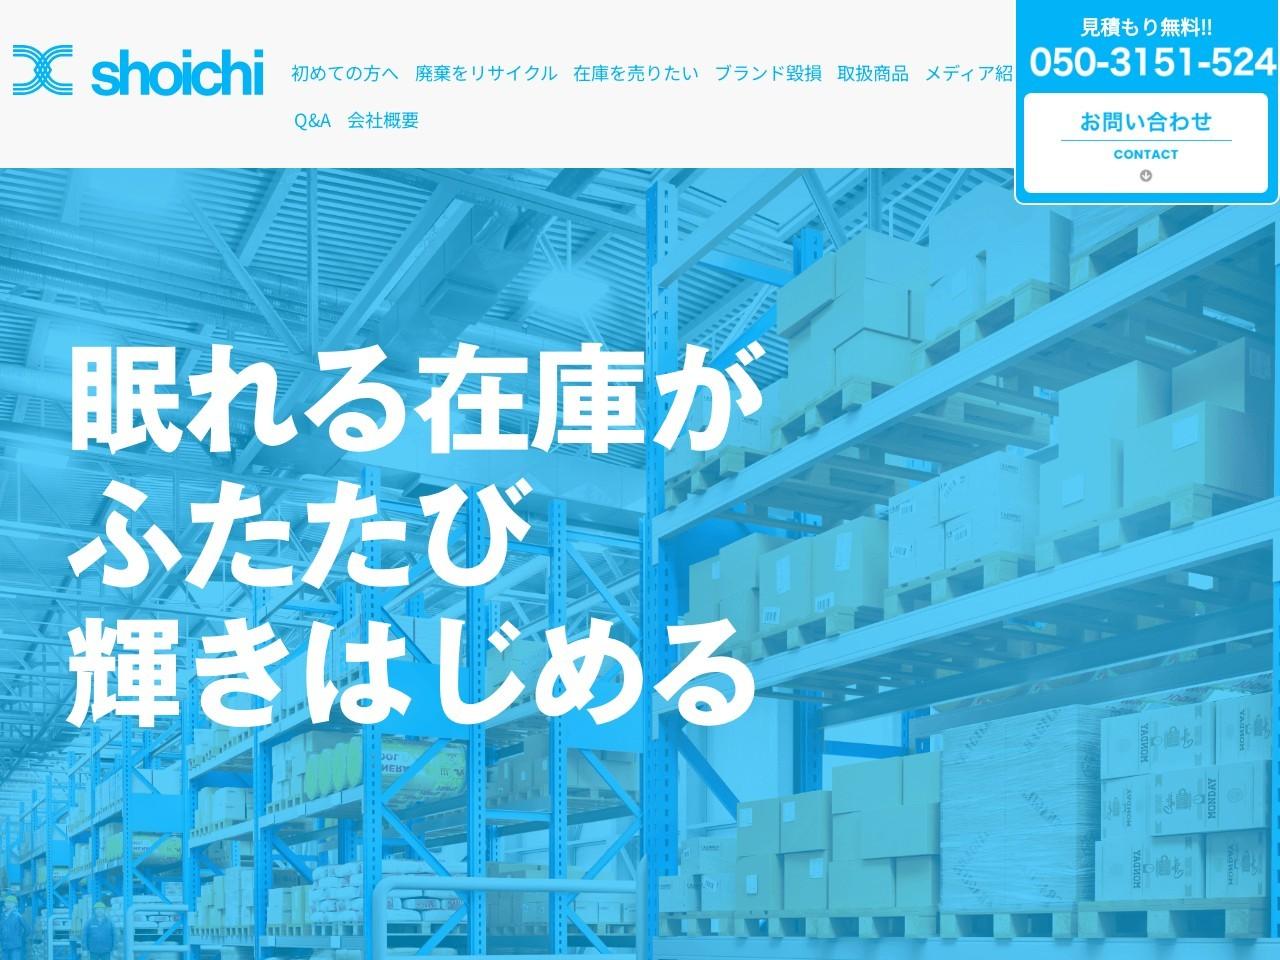 在庫処分サービスサイト shoichi